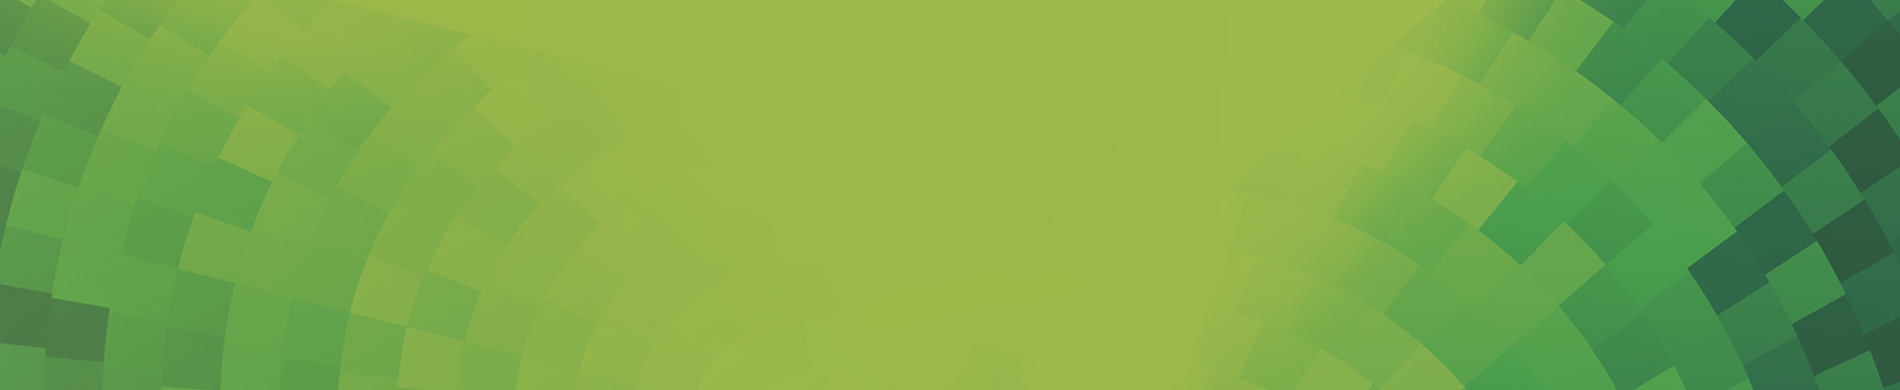 header-green.jpg